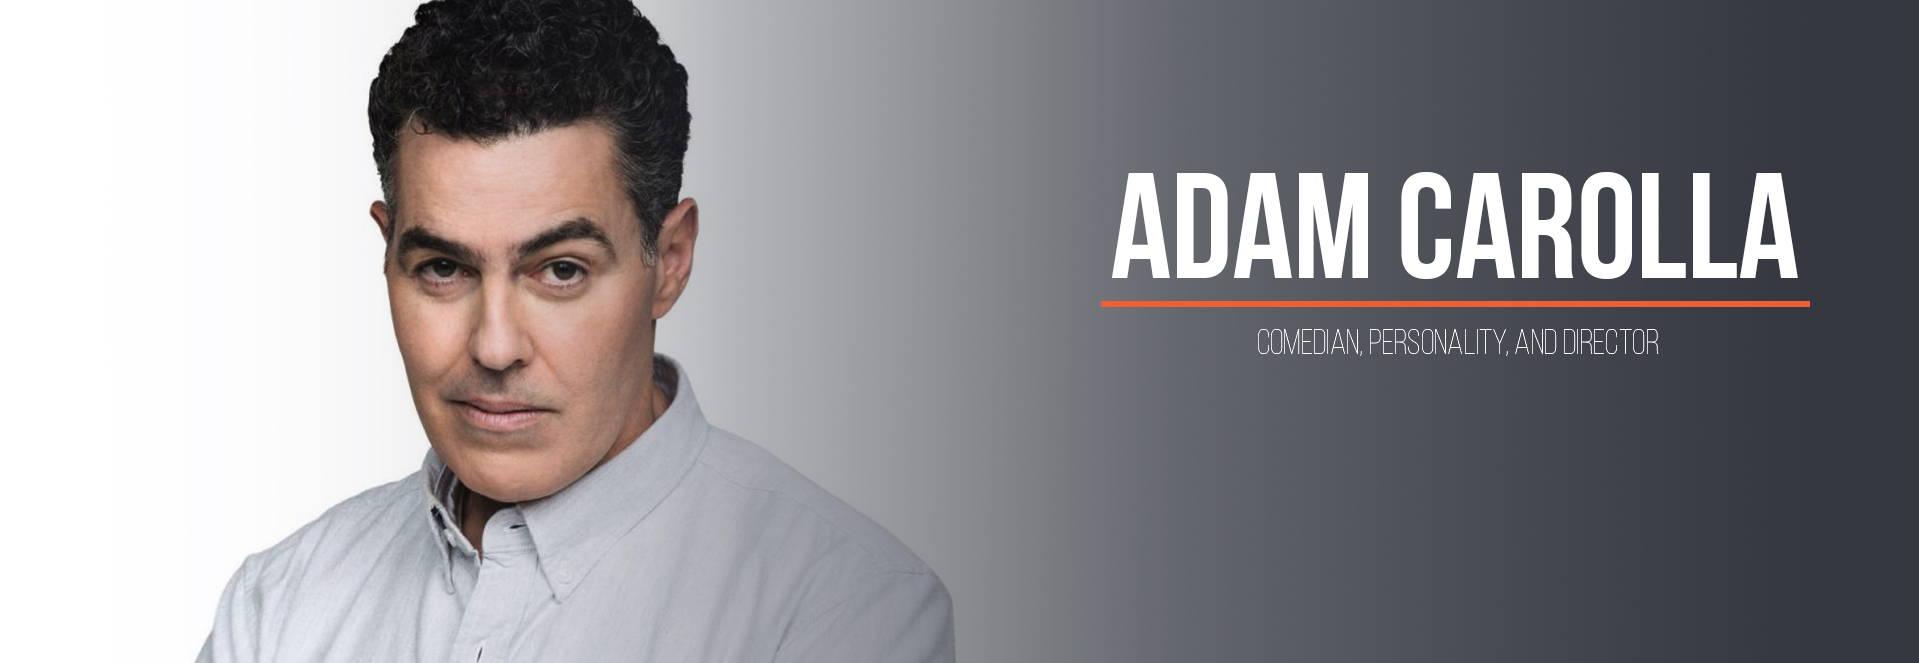 A picture of Adam Carolla